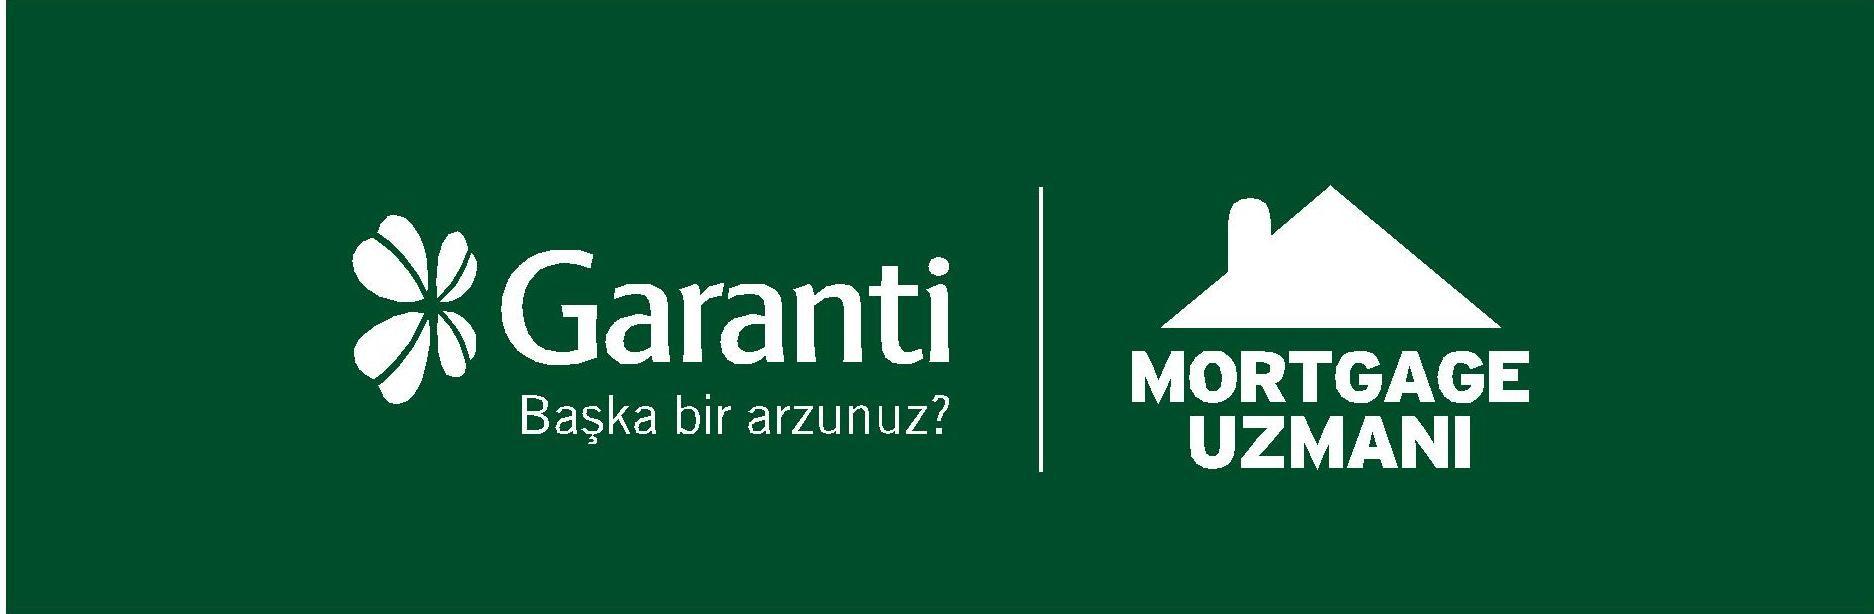 GARANTİ KONUT FİNANSMANI A.Ş.